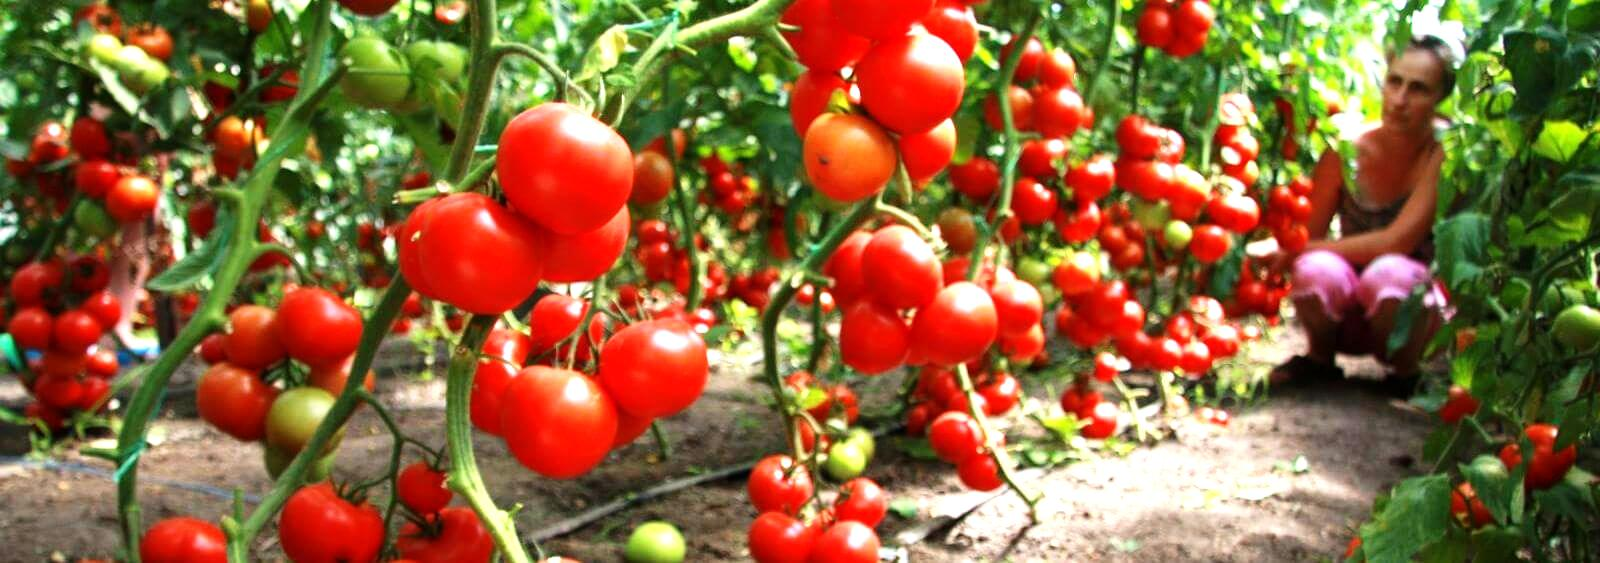 купить удобрение байкал-эм 1 компании Аргодля выращивания томатов  и хорошегоурожая